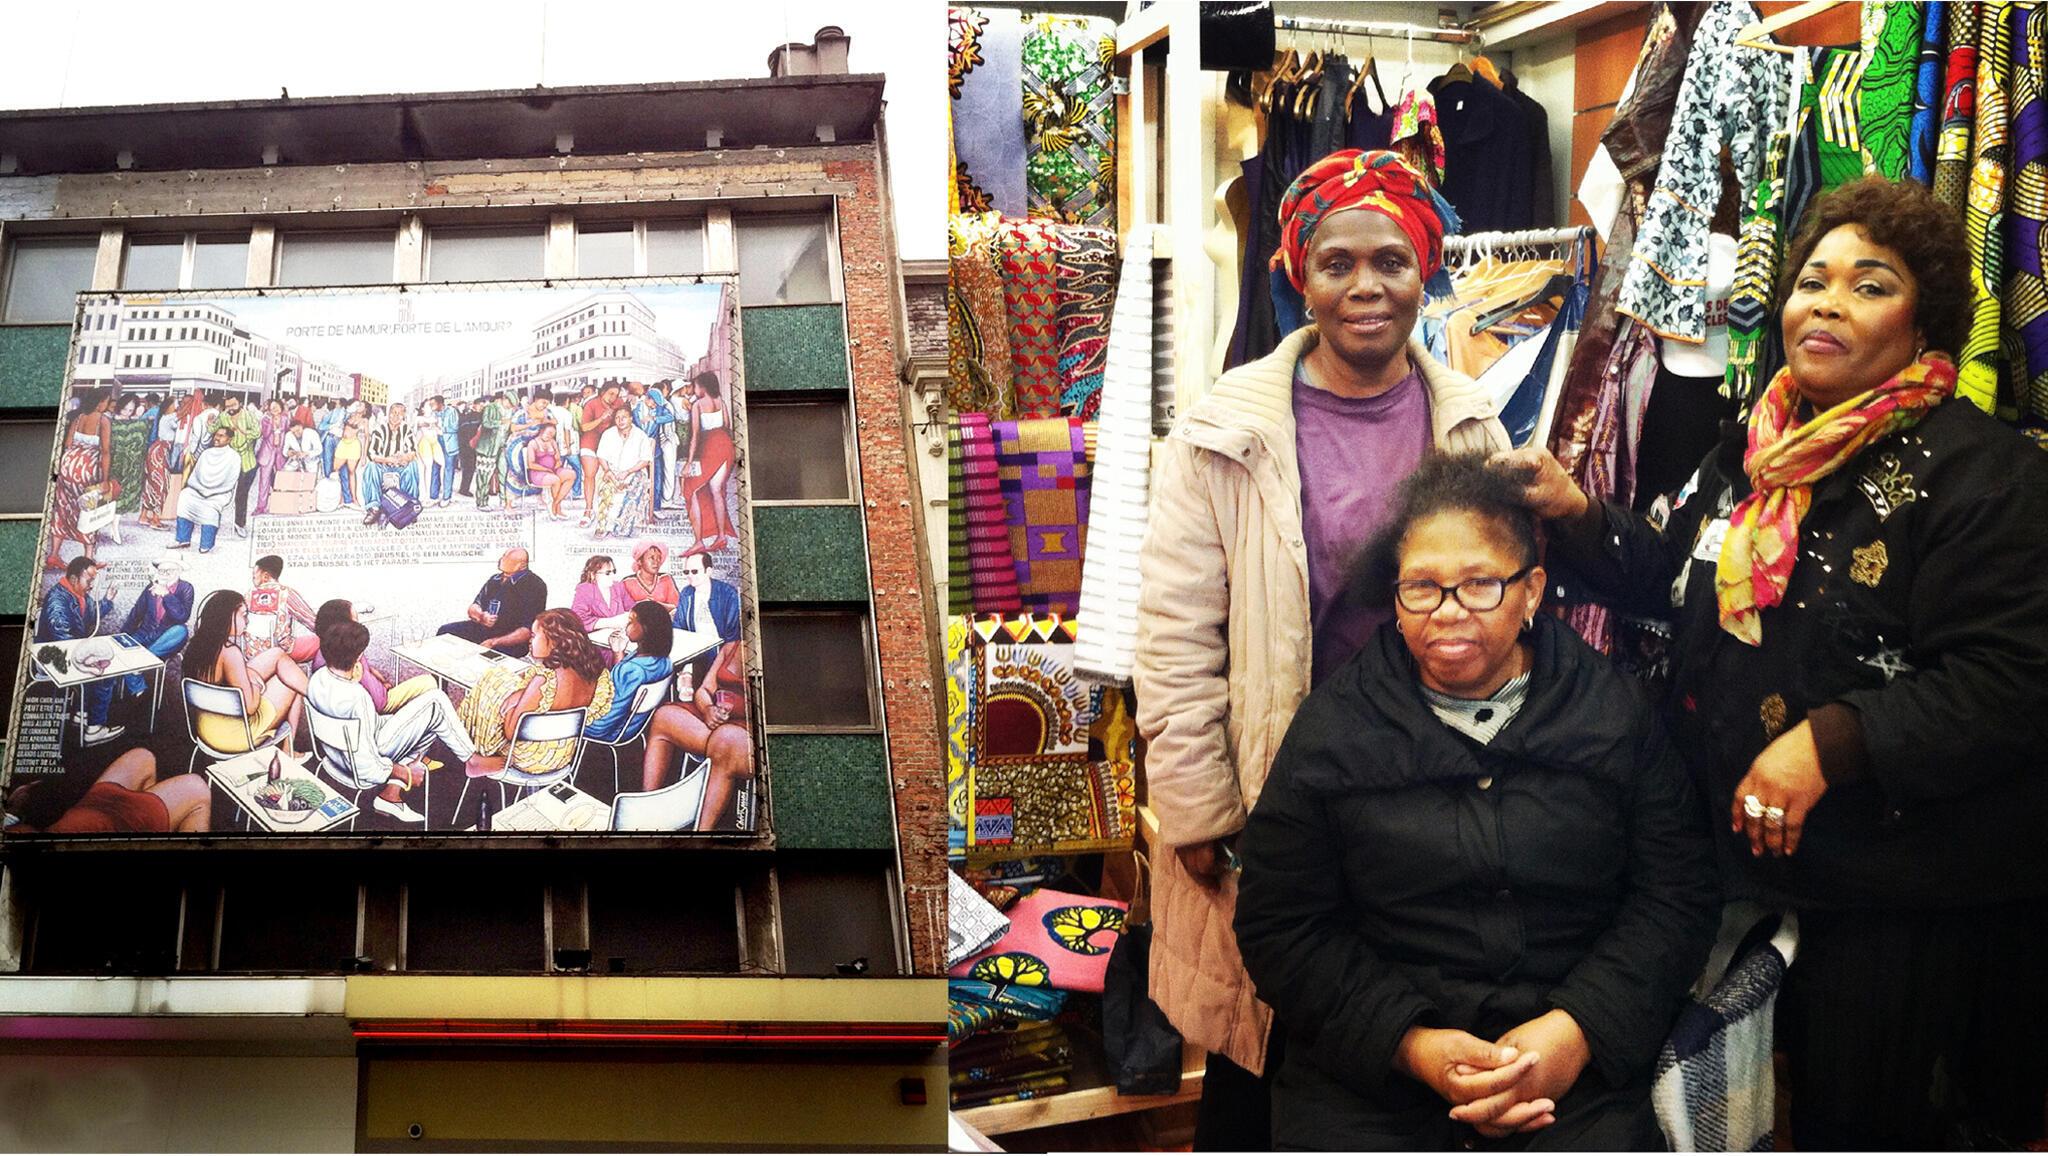 Sur la photo, on voit la fresque de Chéri Samba à la porte de Namur (Matonge) et les pagneuses de chez Maman Tsala, chaussée de Wavre (Matonge).